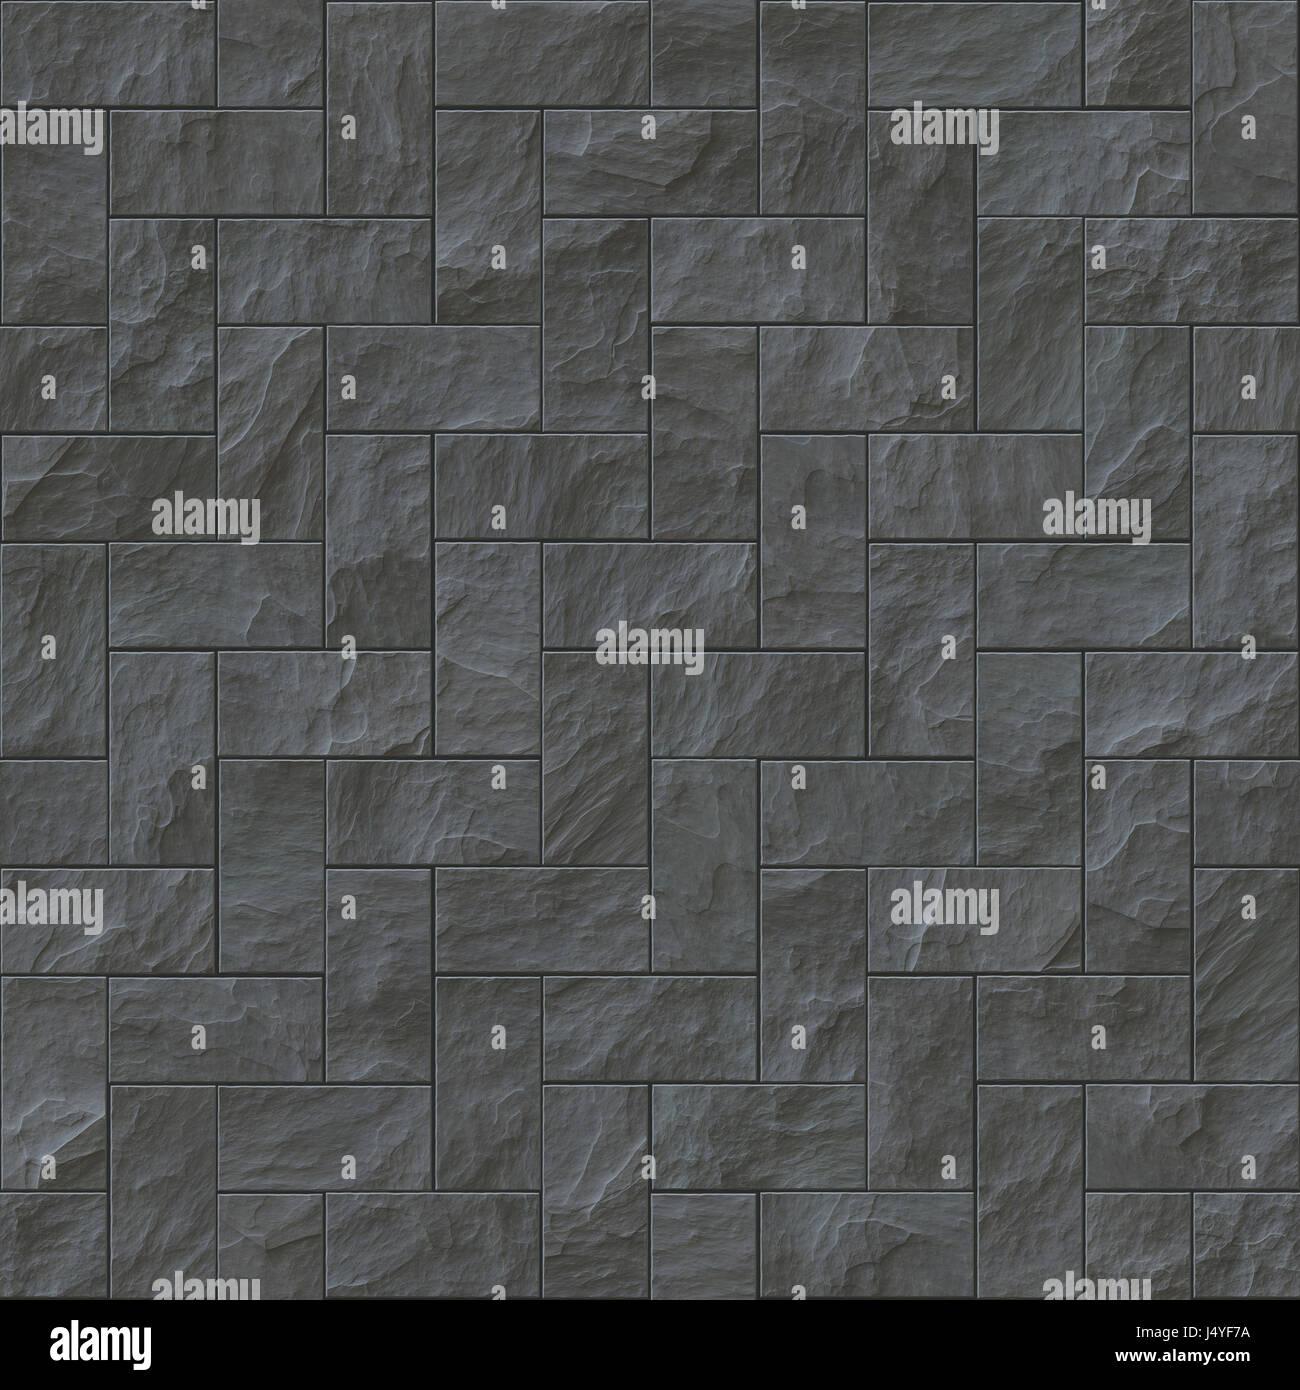 dark stone tile texture. Seamless dark stone brick texture illustration Stock Photo